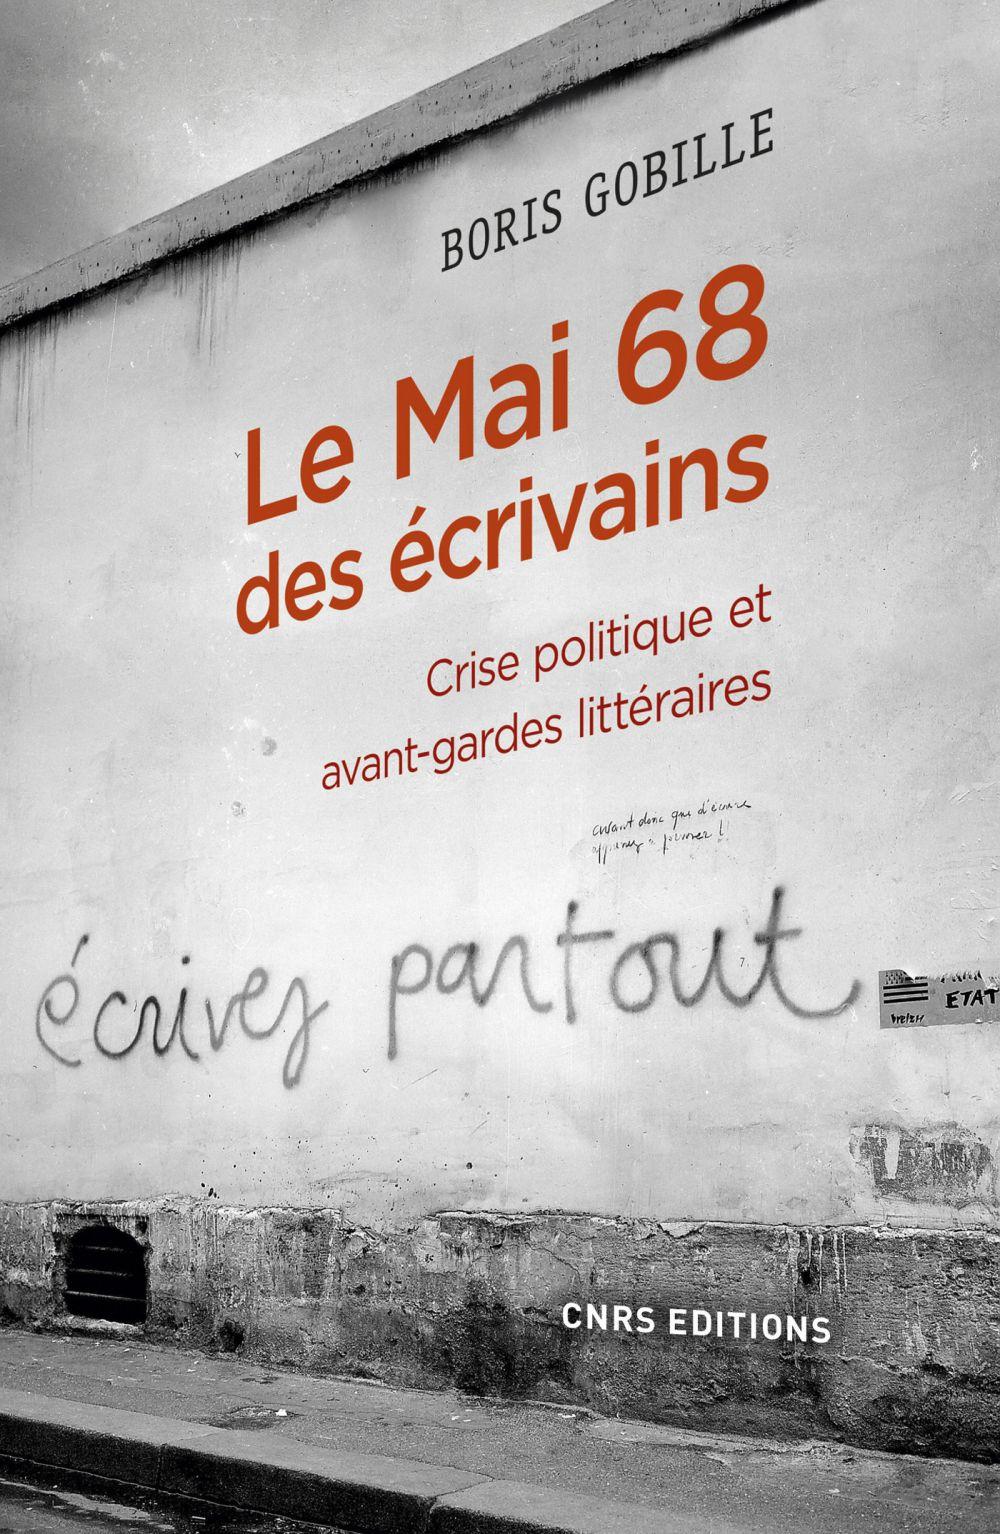 Le mai 68 des écrivains. Crise politique et avant-gardes littéraire | Gobille, Boris. Auteur